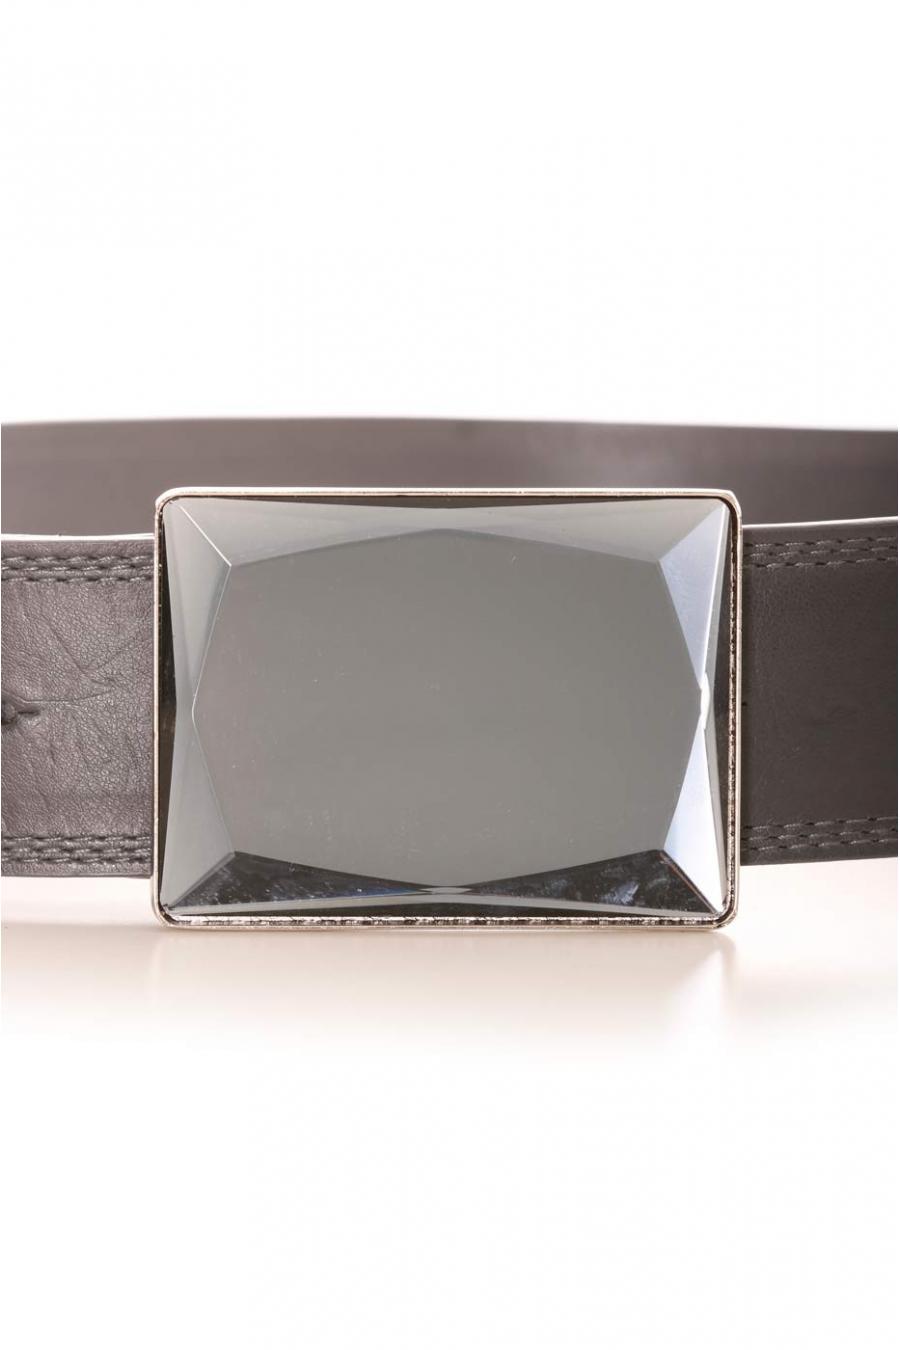 Ceinture gris foncé avec boucle carrée effet miroir. Accessoire LDF0058